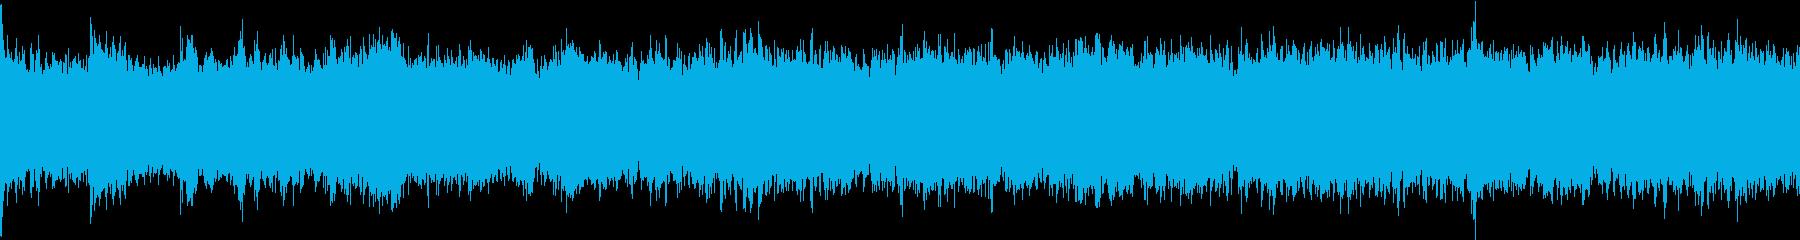 ダークファンタジーボーカル/バスドラ無しの再生済みの波形